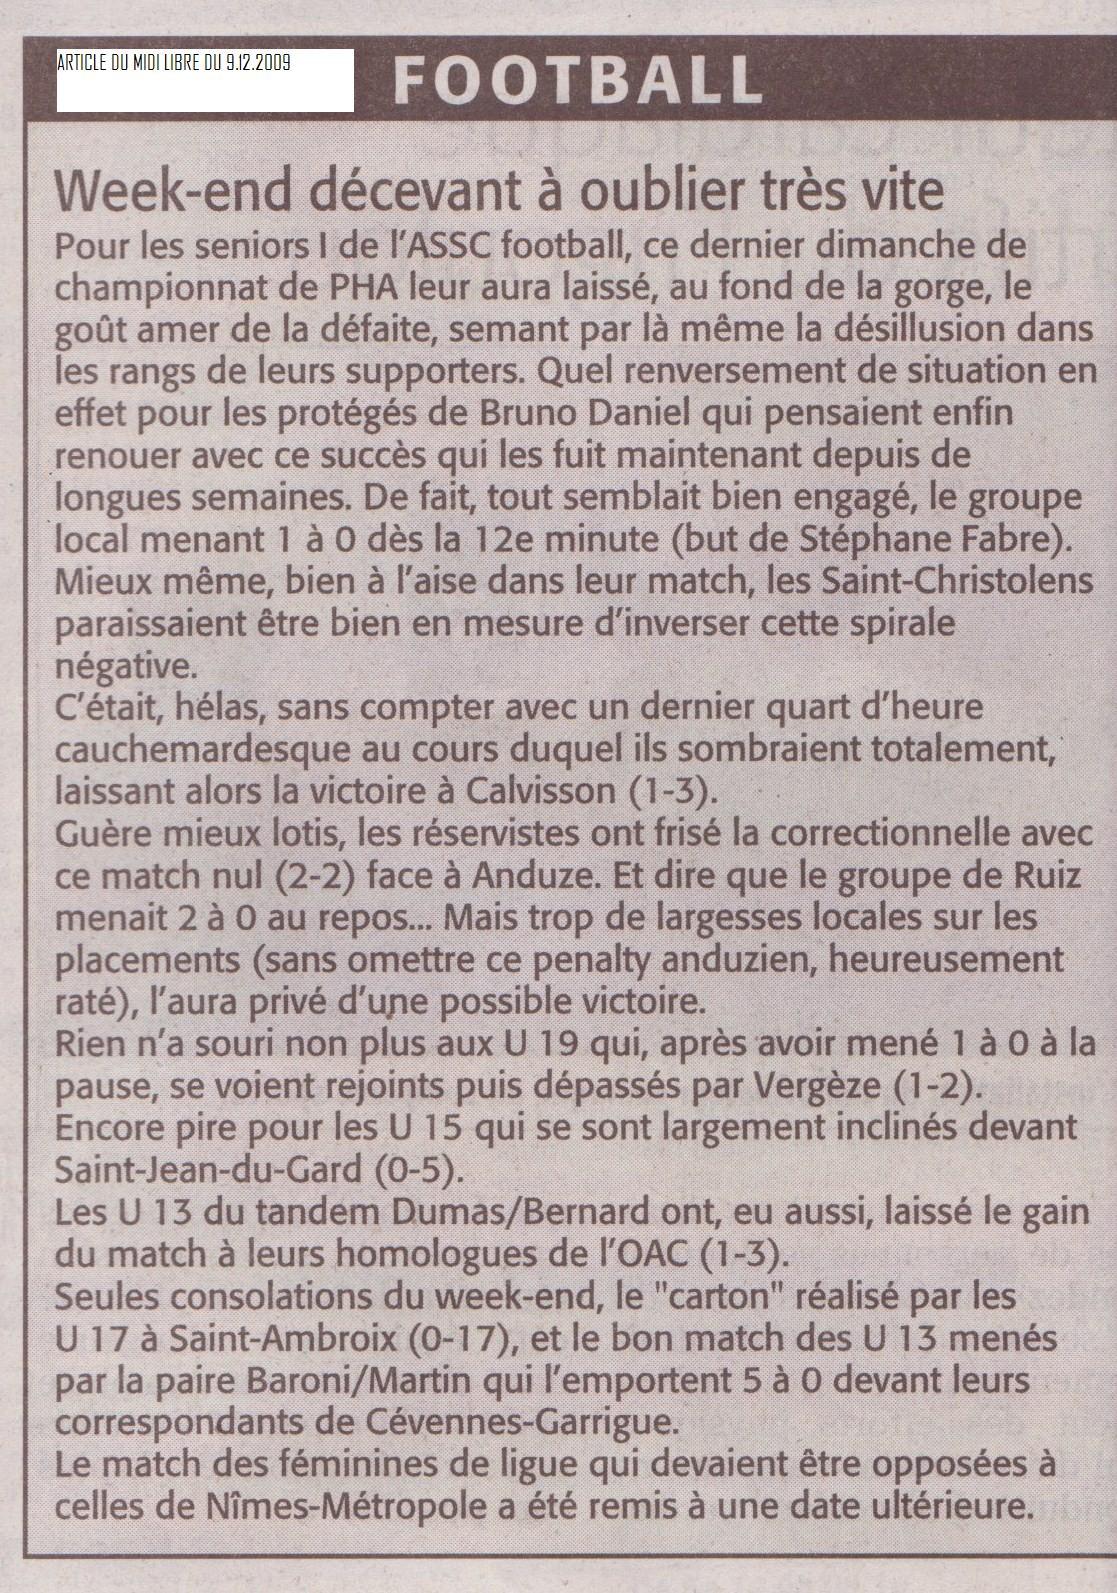 Article du 9.12.2009